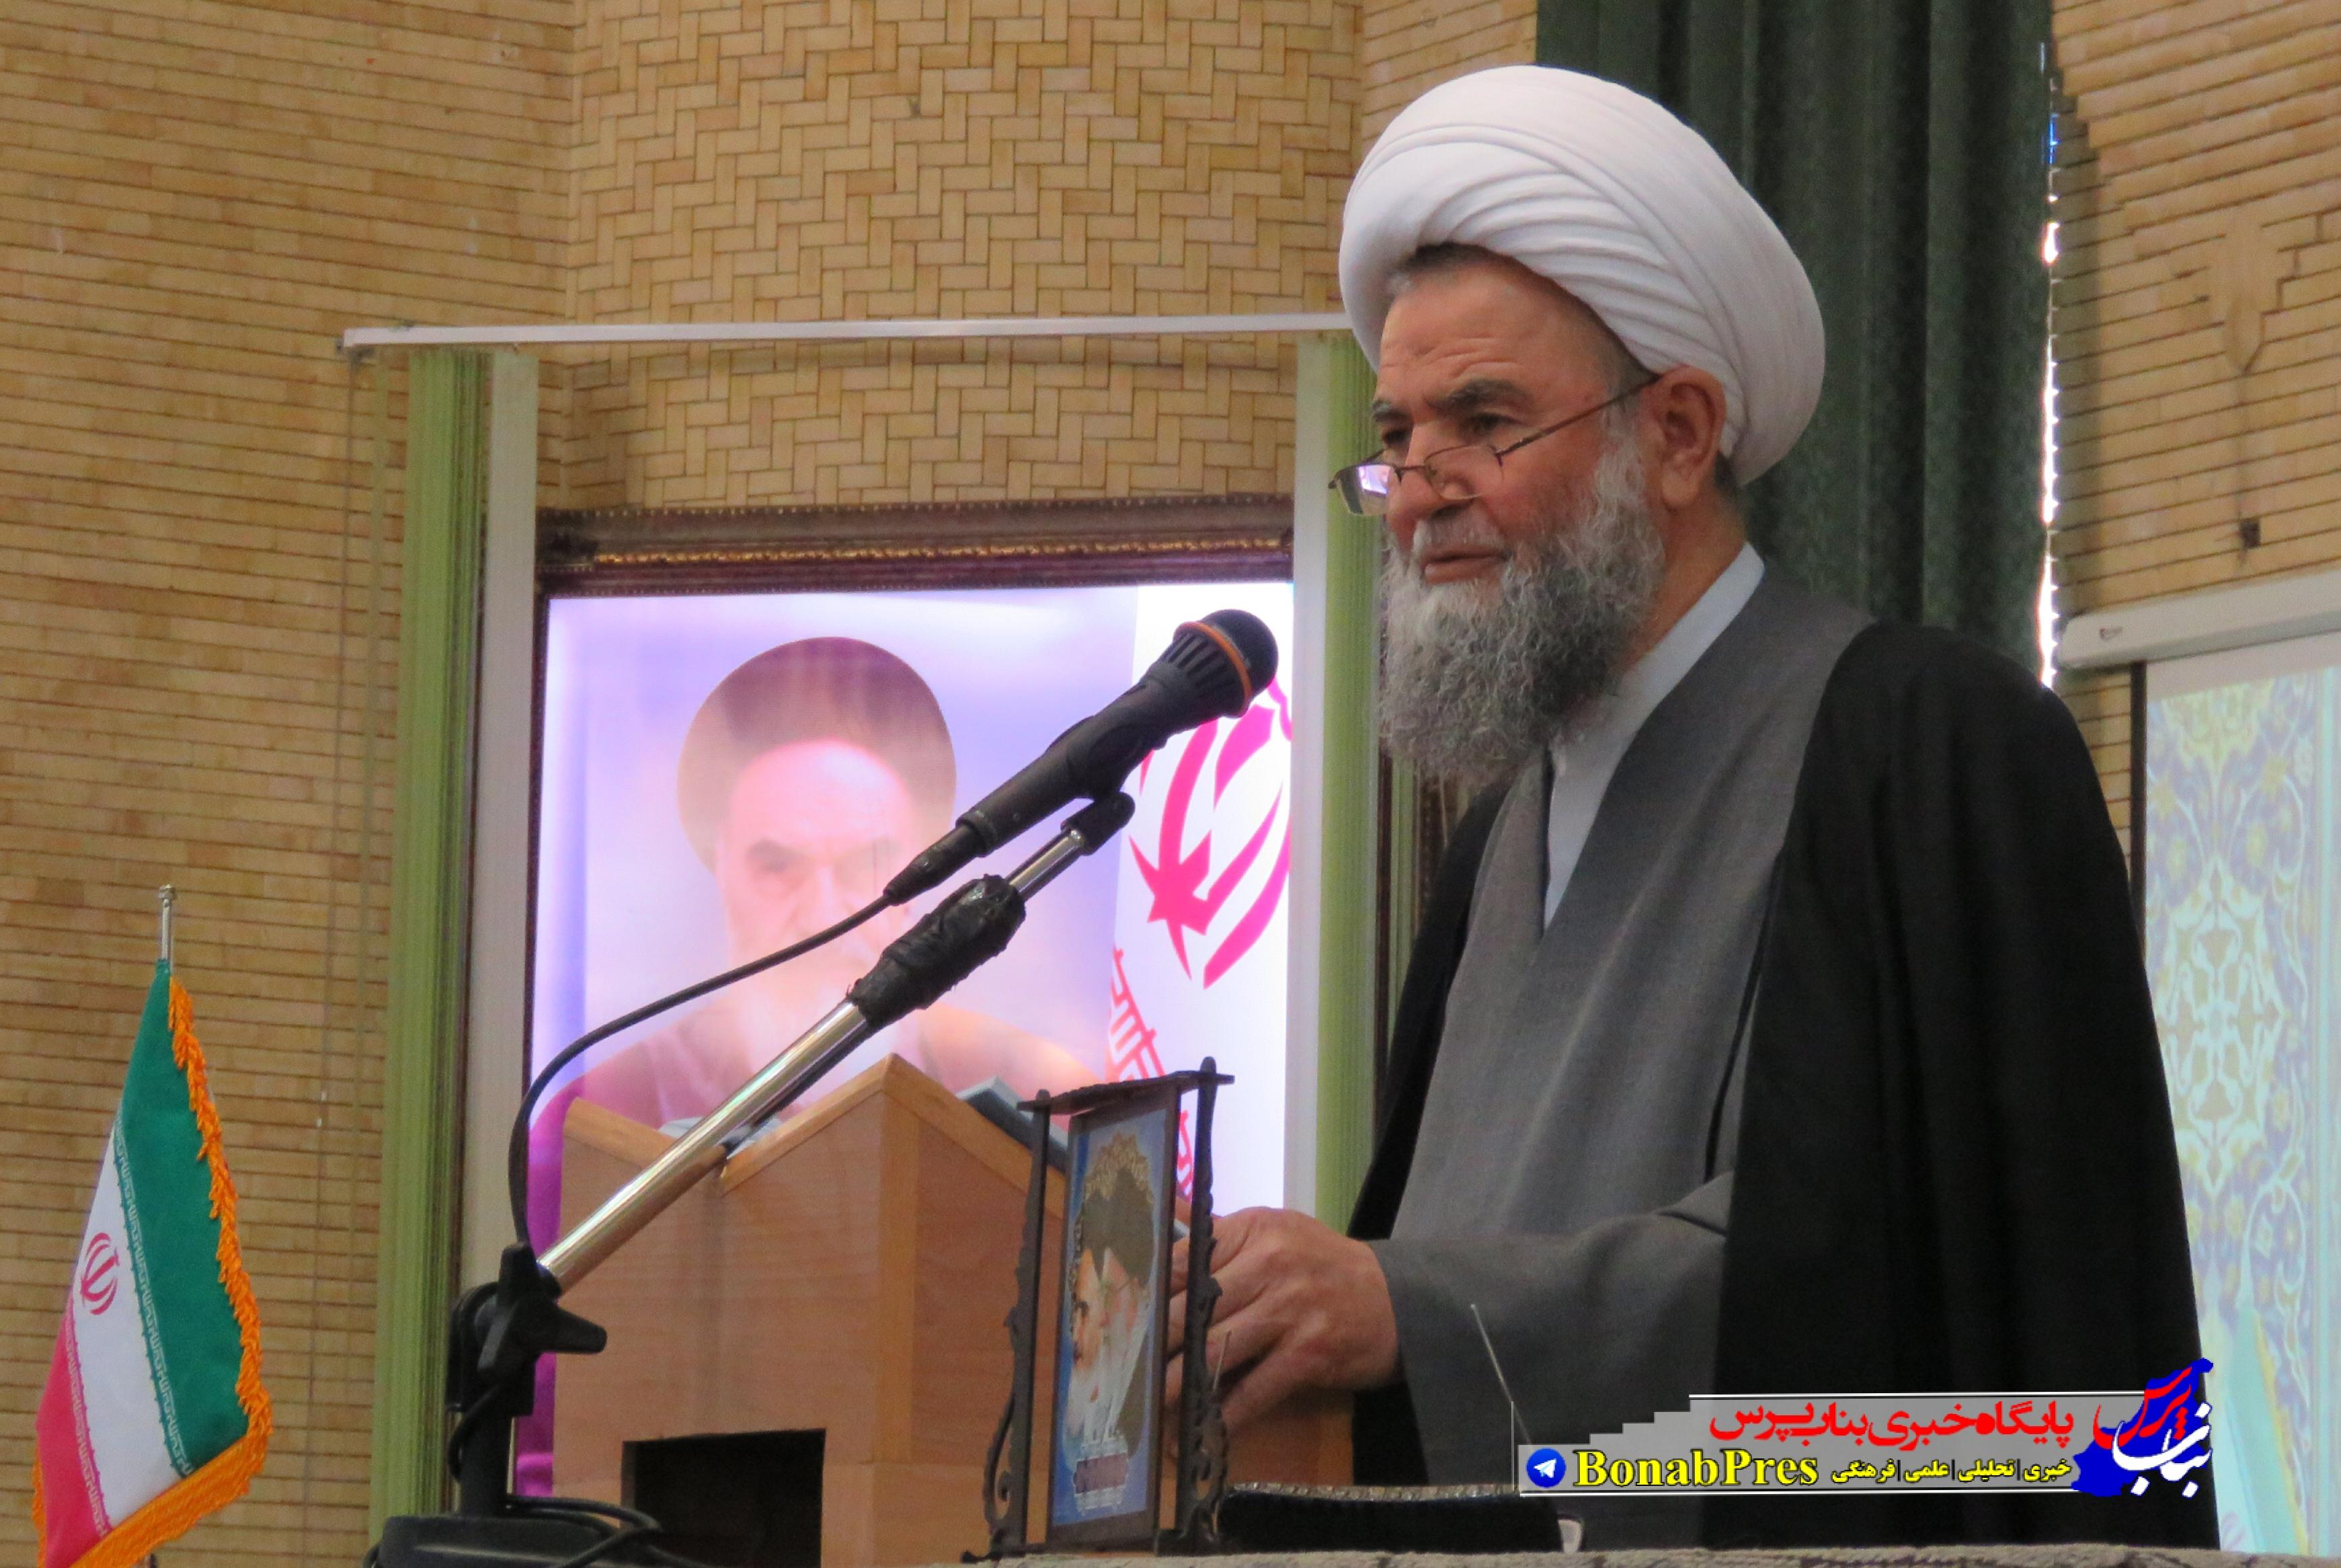 امام جمعه بناب: خطر فرهنگی و اقتصادی جامعه را تهدید می کند